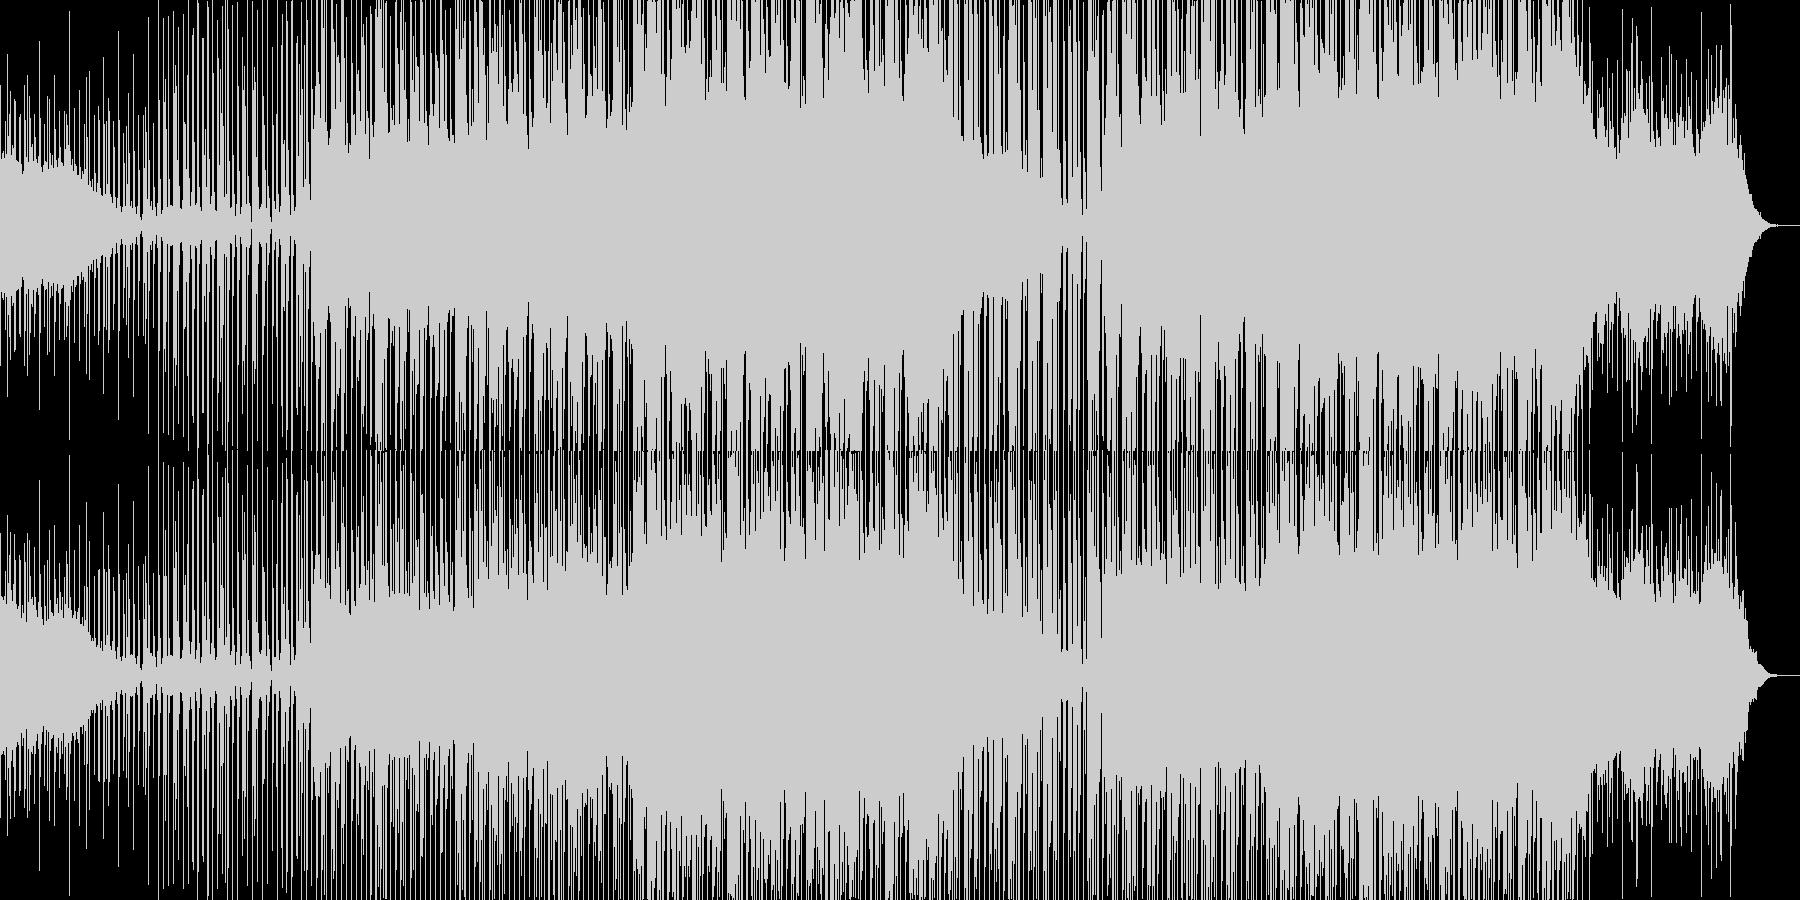 明るい躍動、壮大なメロディー、エレクトロの未再生の波形